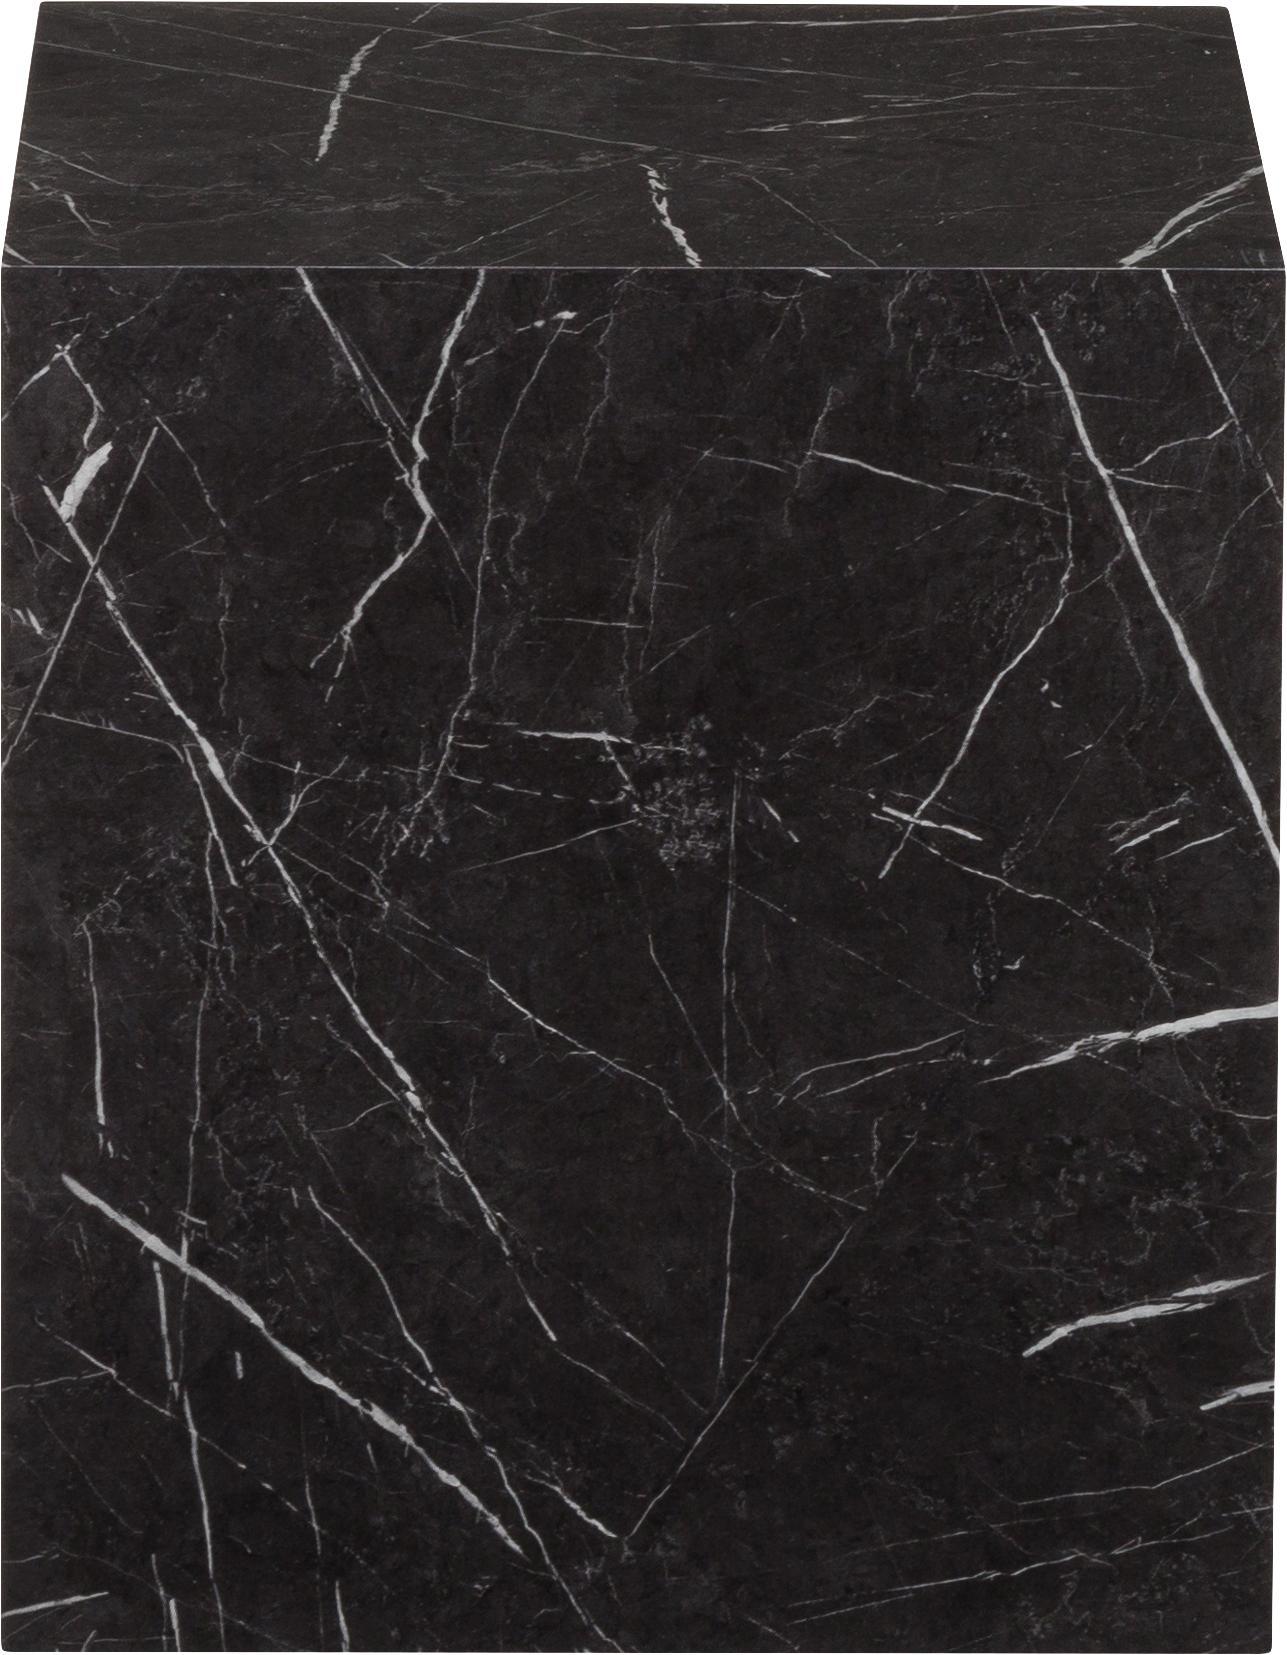 Table d'appoint aspect marbre Lesley, Noir, marbré